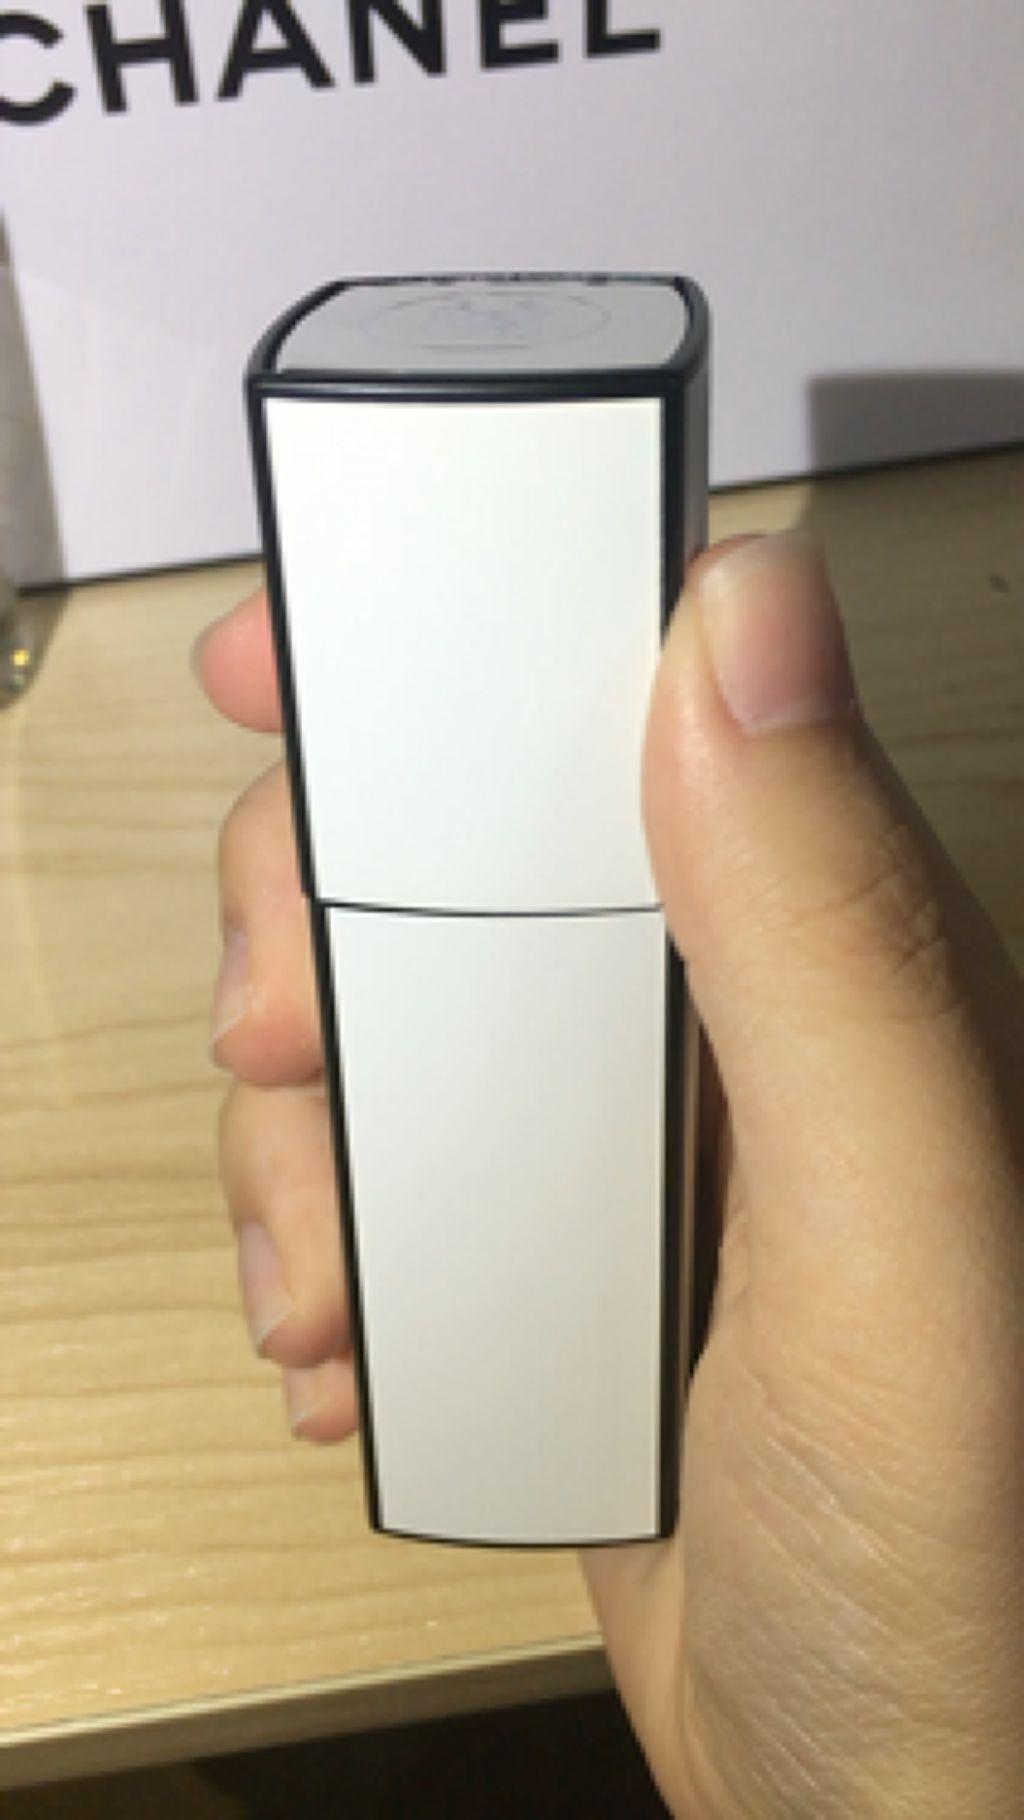 シャネル N°5 ロー オードゥ トワレット (ヴァポリザター)/CHANEL/香水(レディース)を使ったクチコミ(3枚目)